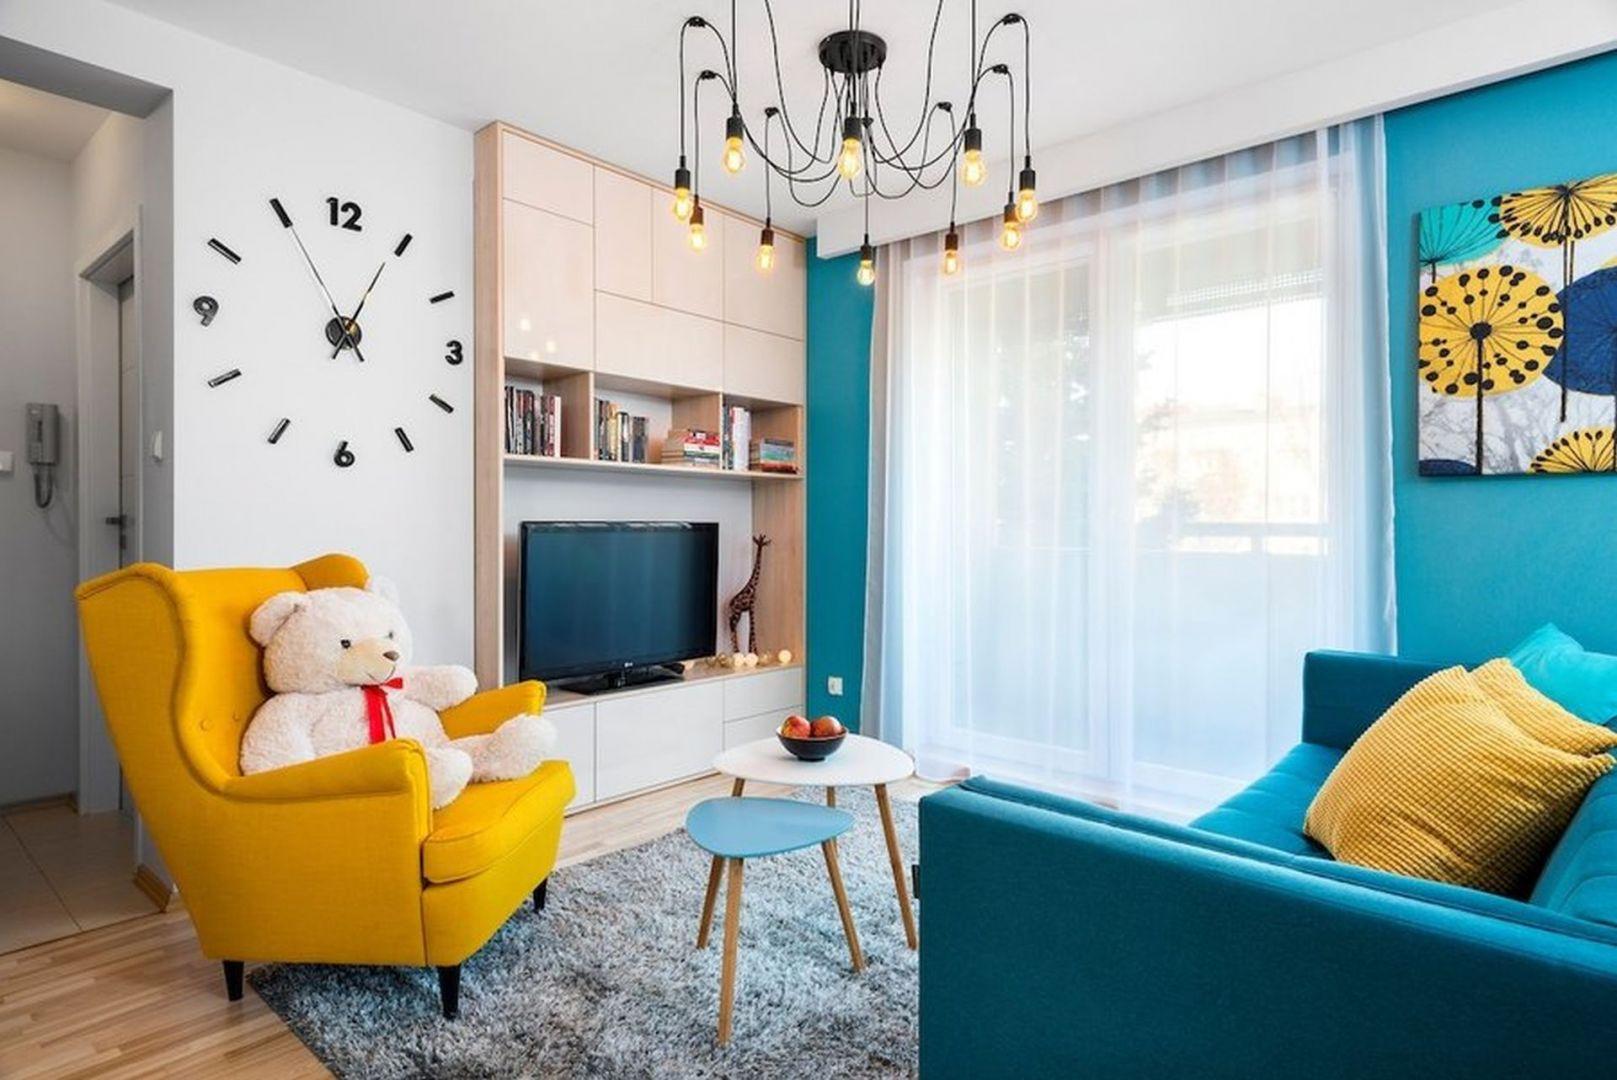 Żółty fotel uszak - król jesiennych aranżacji. Autorka projektu: Krystyna Dziewanowska, pracownia Red Cube Design. Zdjęcia Mateusz Torbus 7TH IDEA